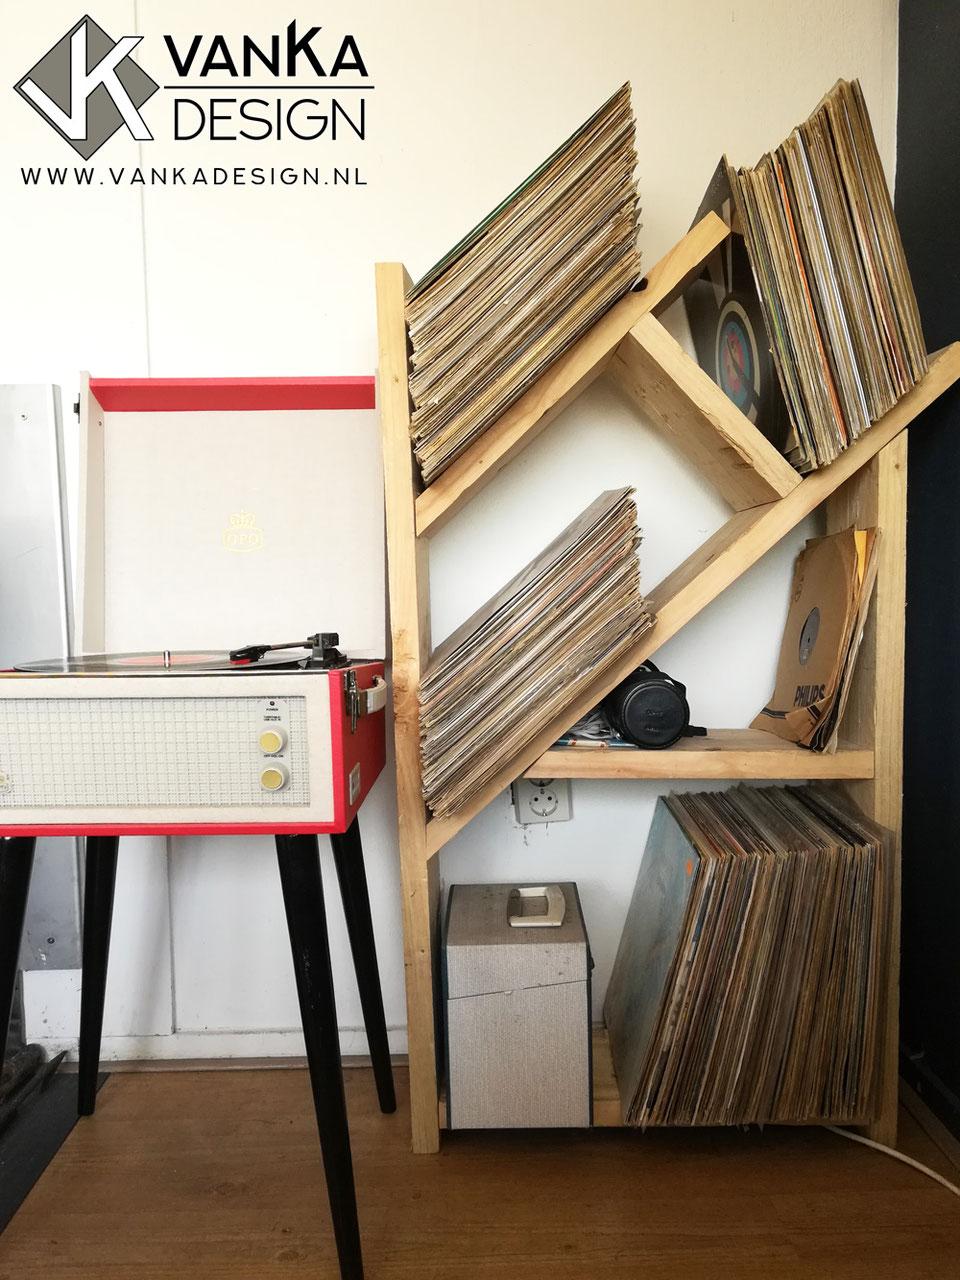 Specials De Website Van Vankadesign1